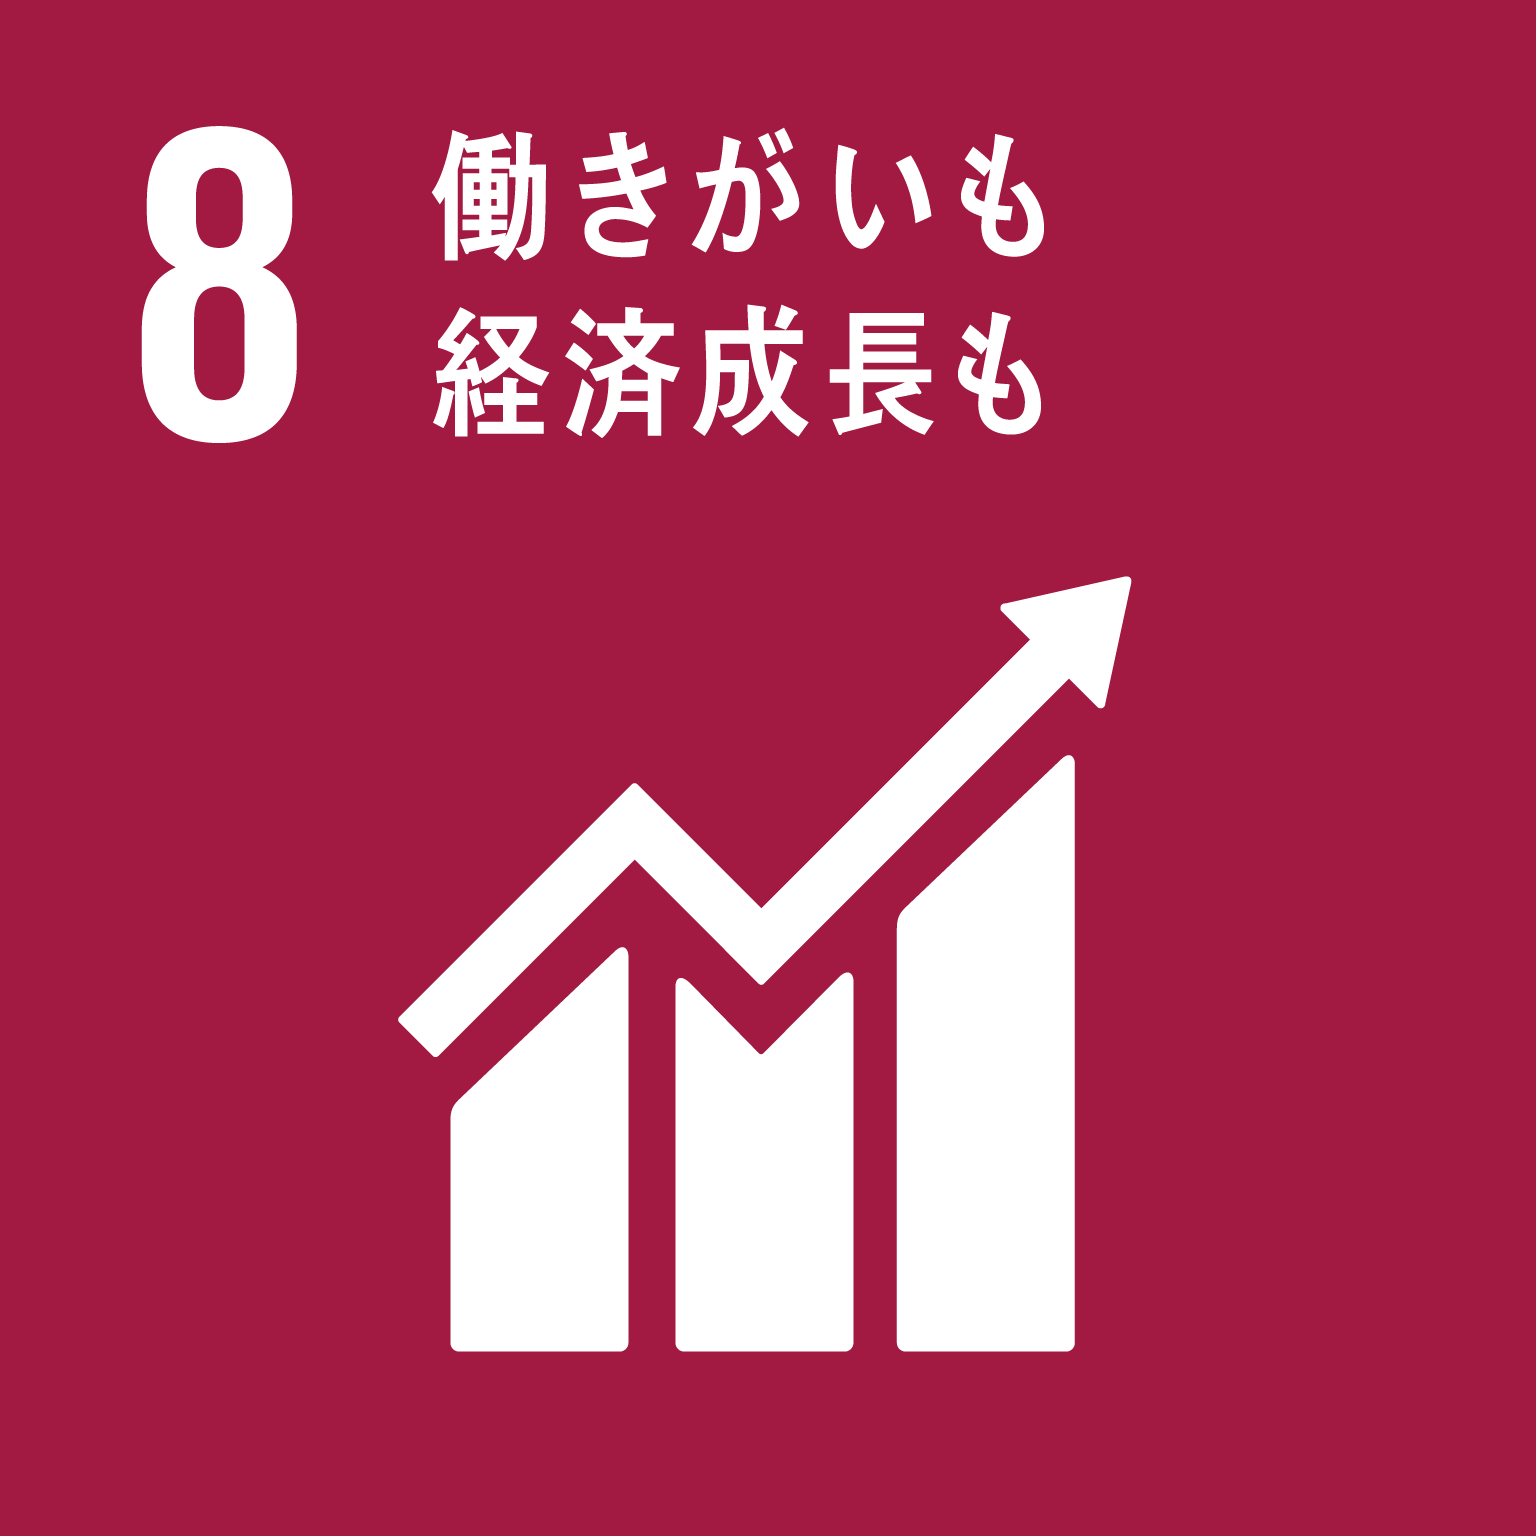 SDGs 社会課題 ディーセント・ワーク